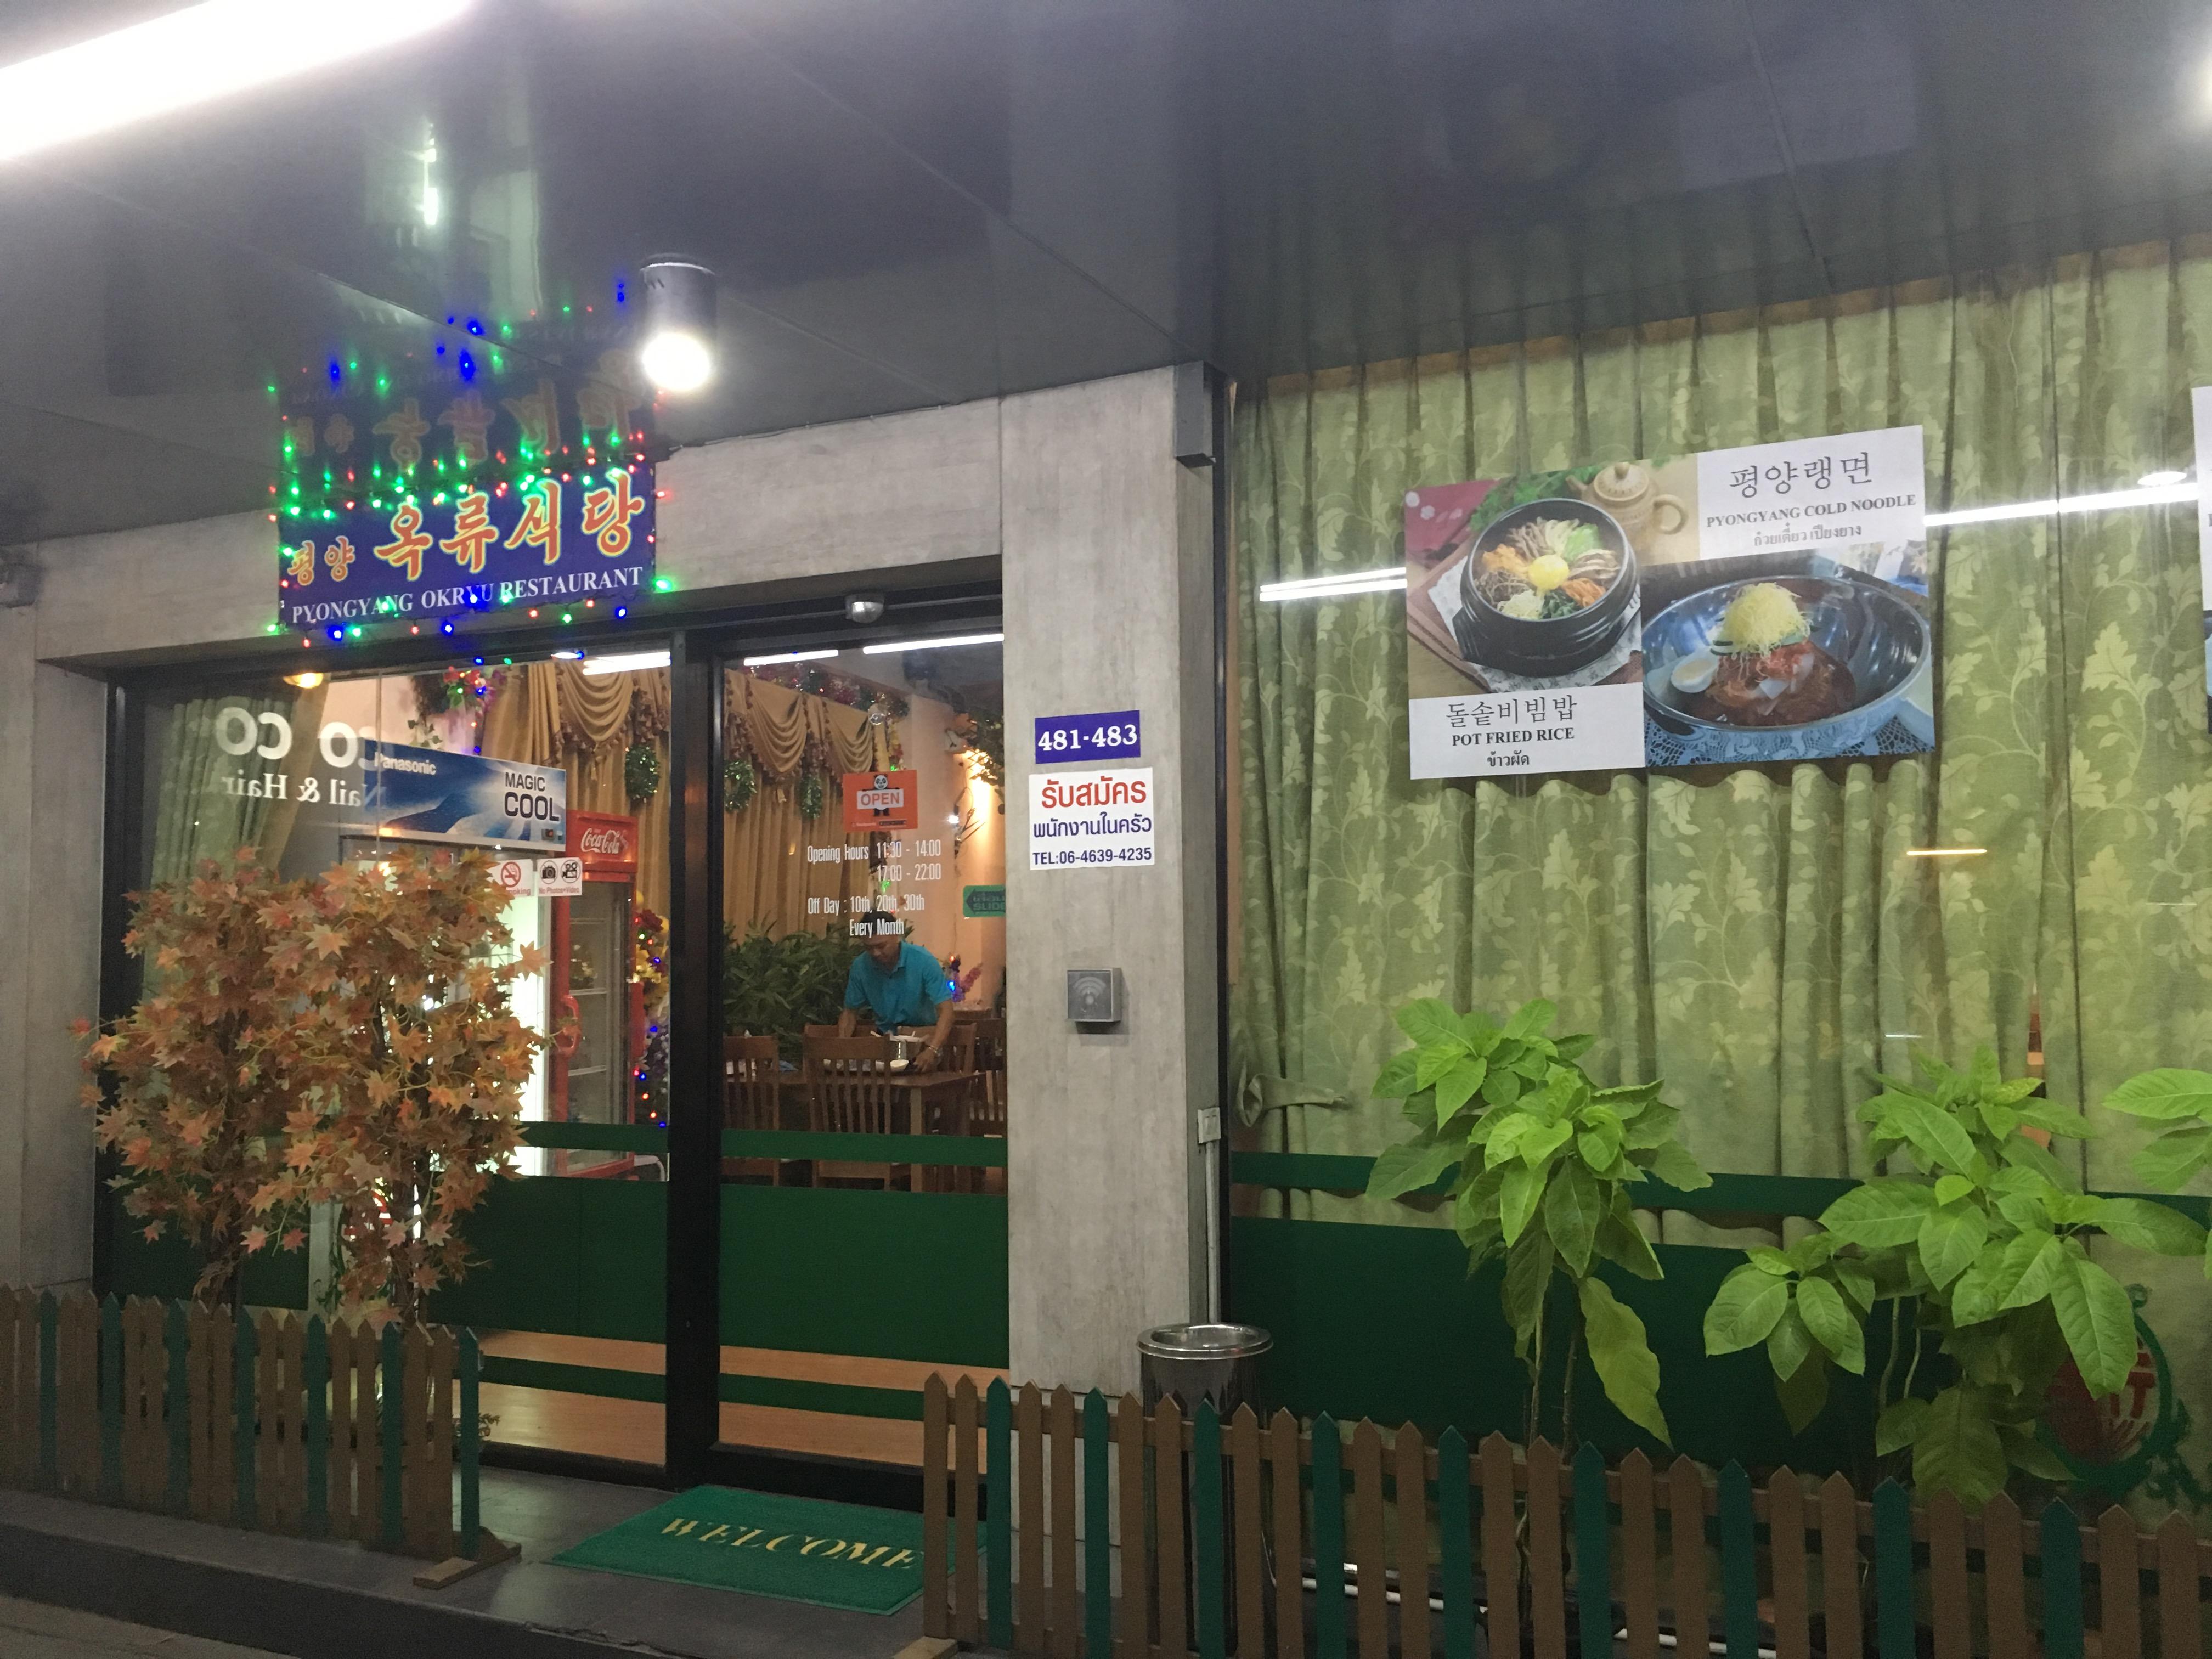 [다섯번째 나홀로 여행 18탄] 평양 옥류식당과 짜뚜짝 시장, 그리고 귀국